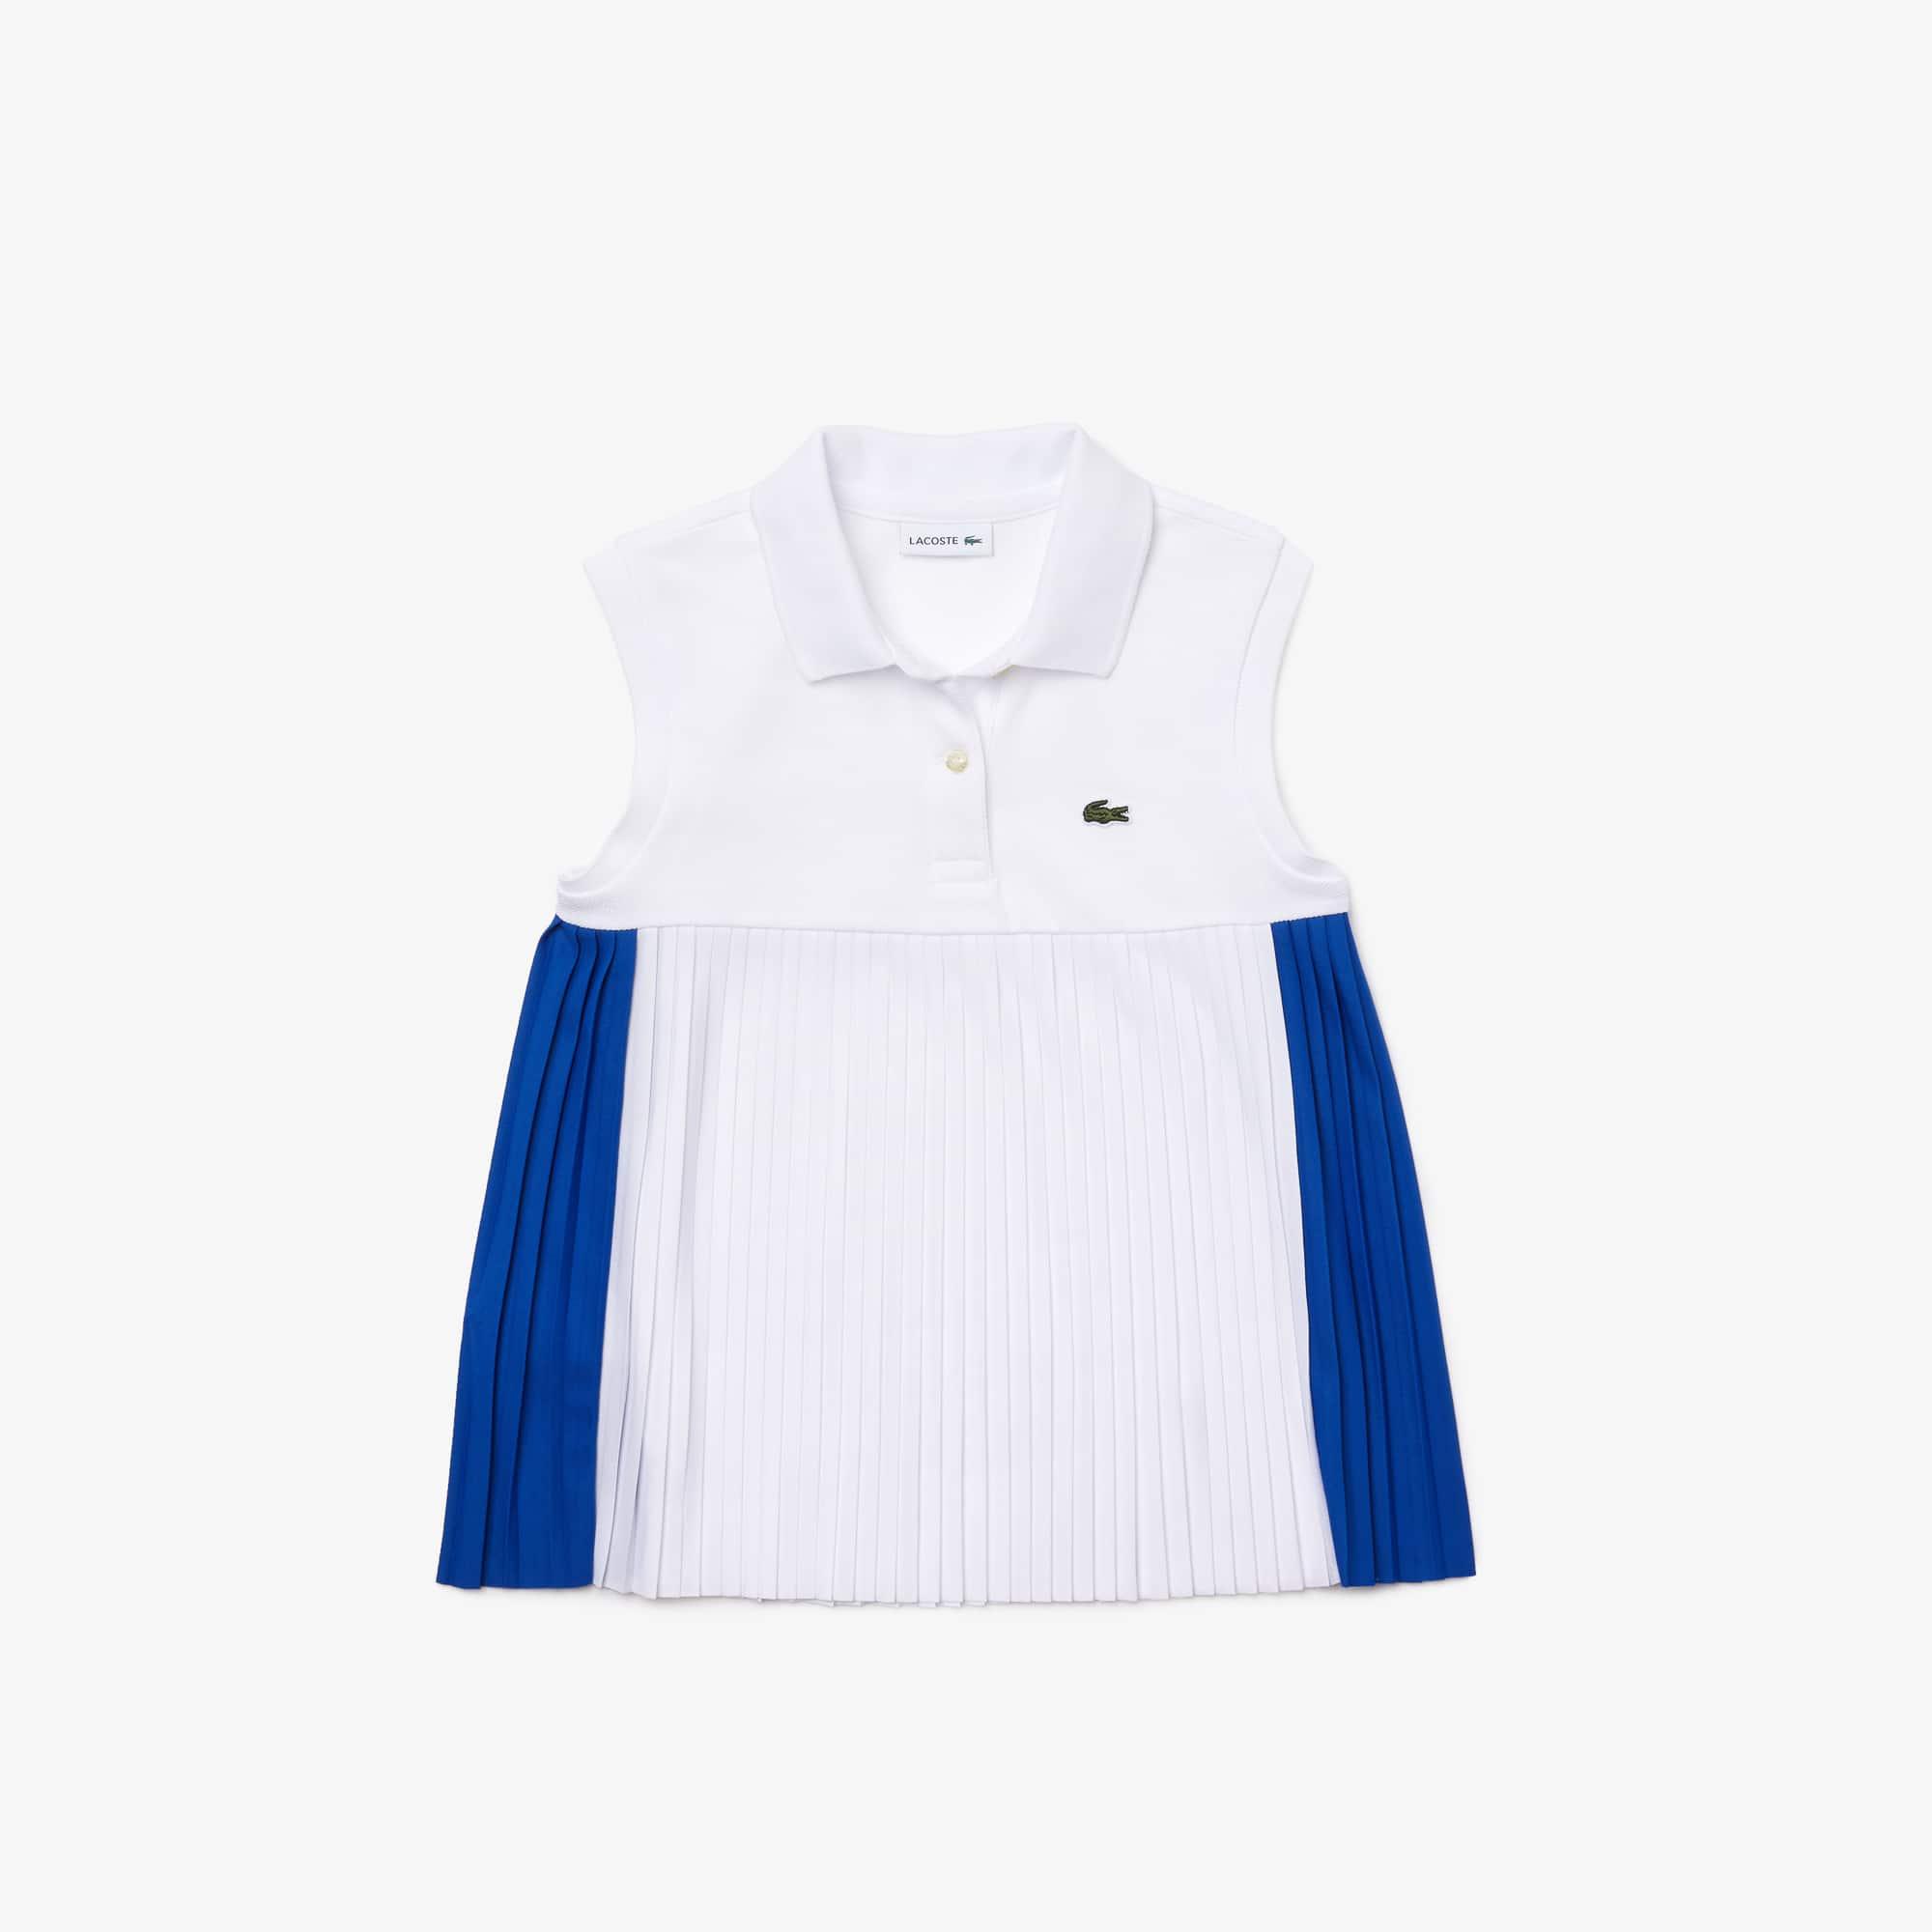 라코스테 걸즈 플리츠 주름 폴로티 Lacoste Girls' Pleated Cotton Polo